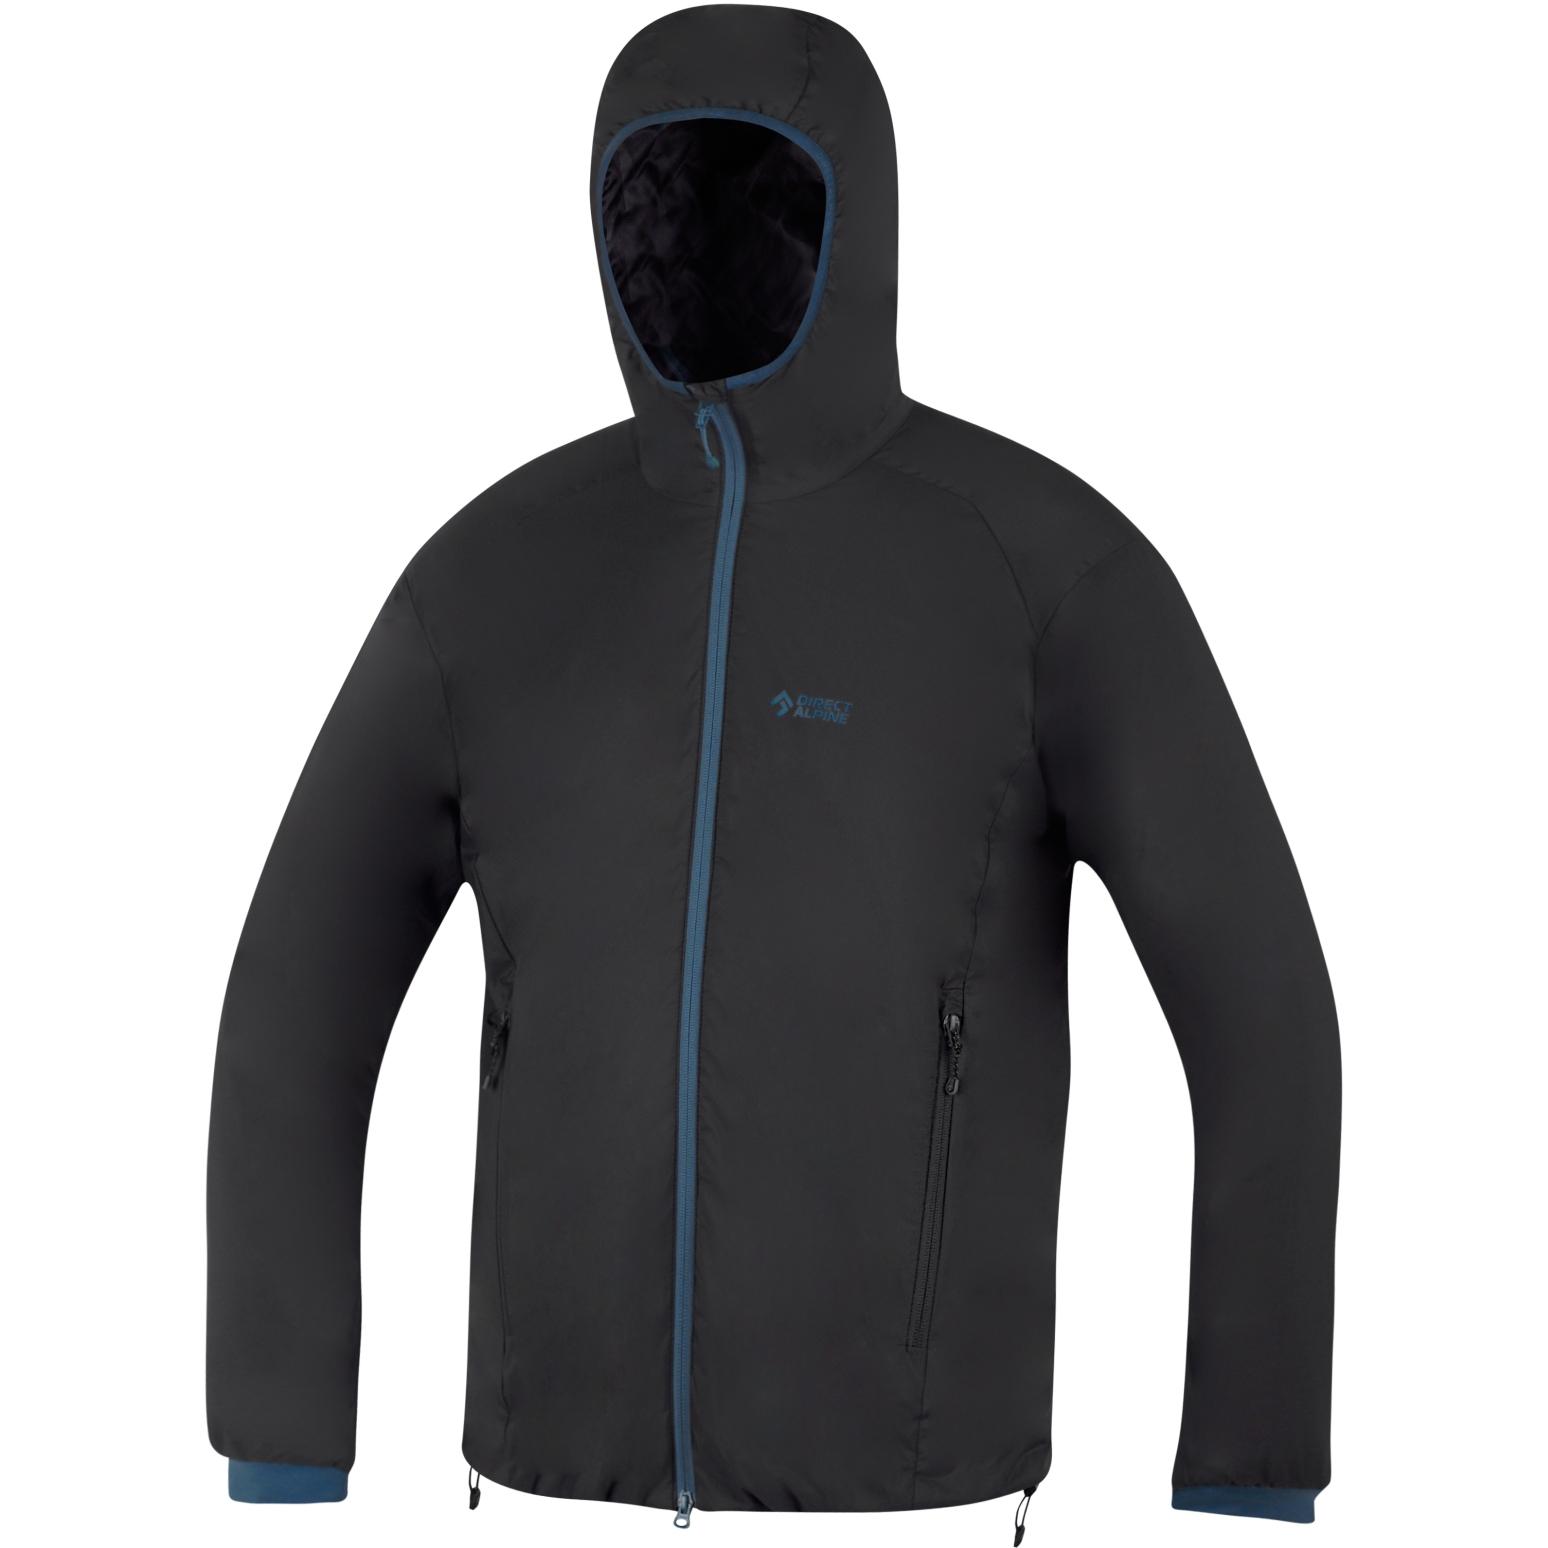 Directalpine Uniq Jacket - black/petrol